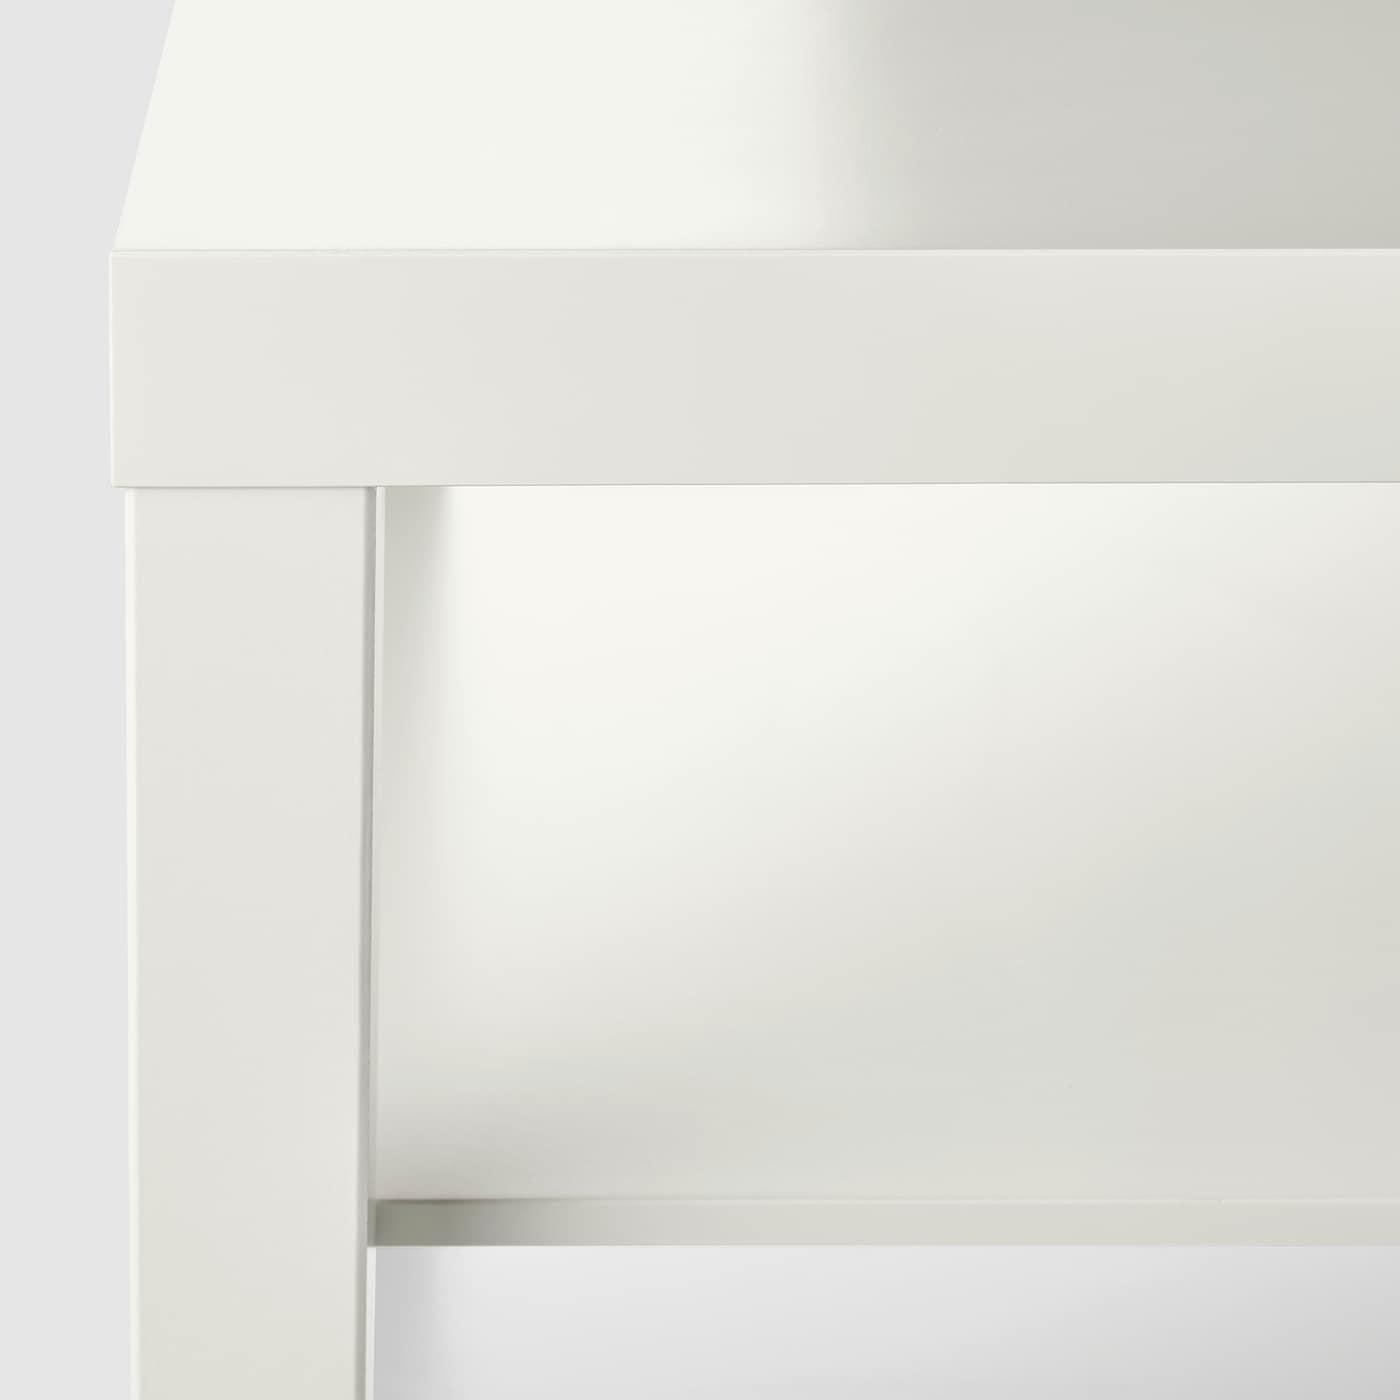 LACK Mesa de centro blanco 90x55 cm